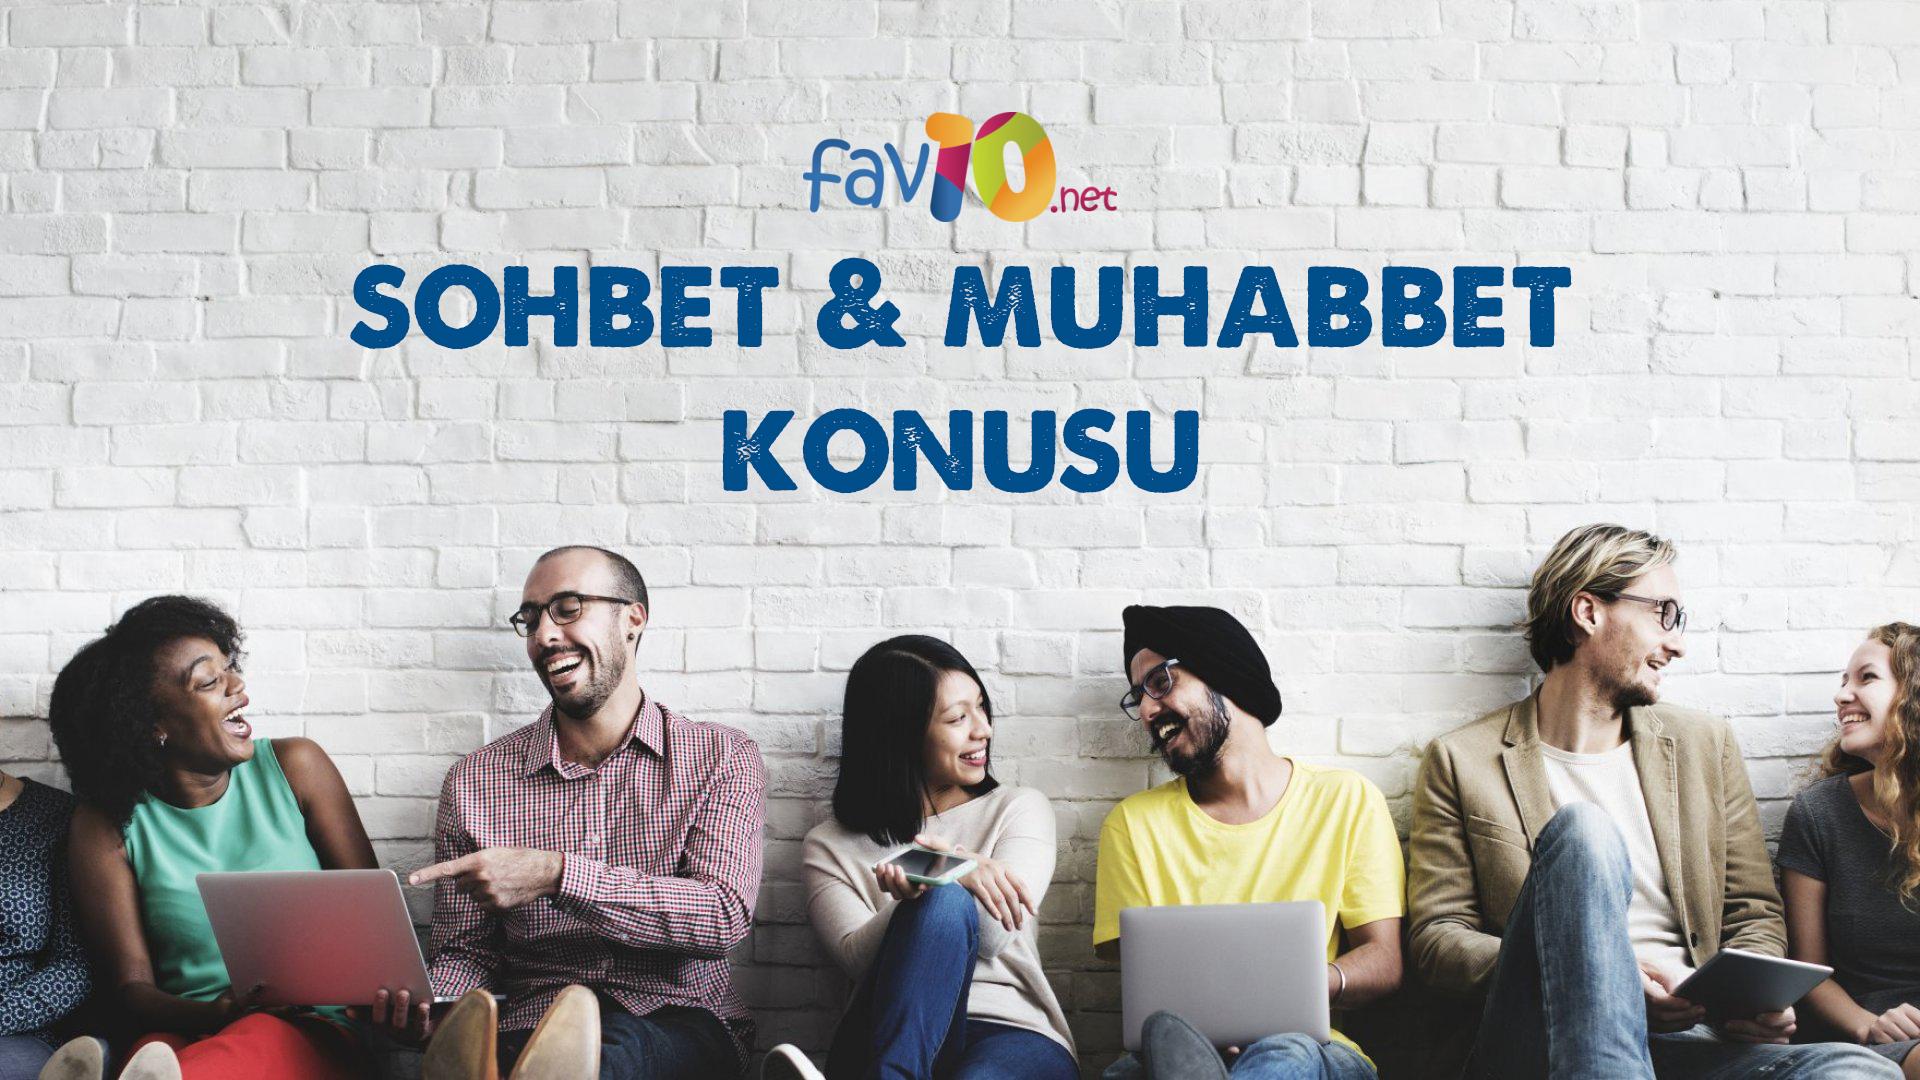 Fav10-Sohbet-Muhabbet.jpg